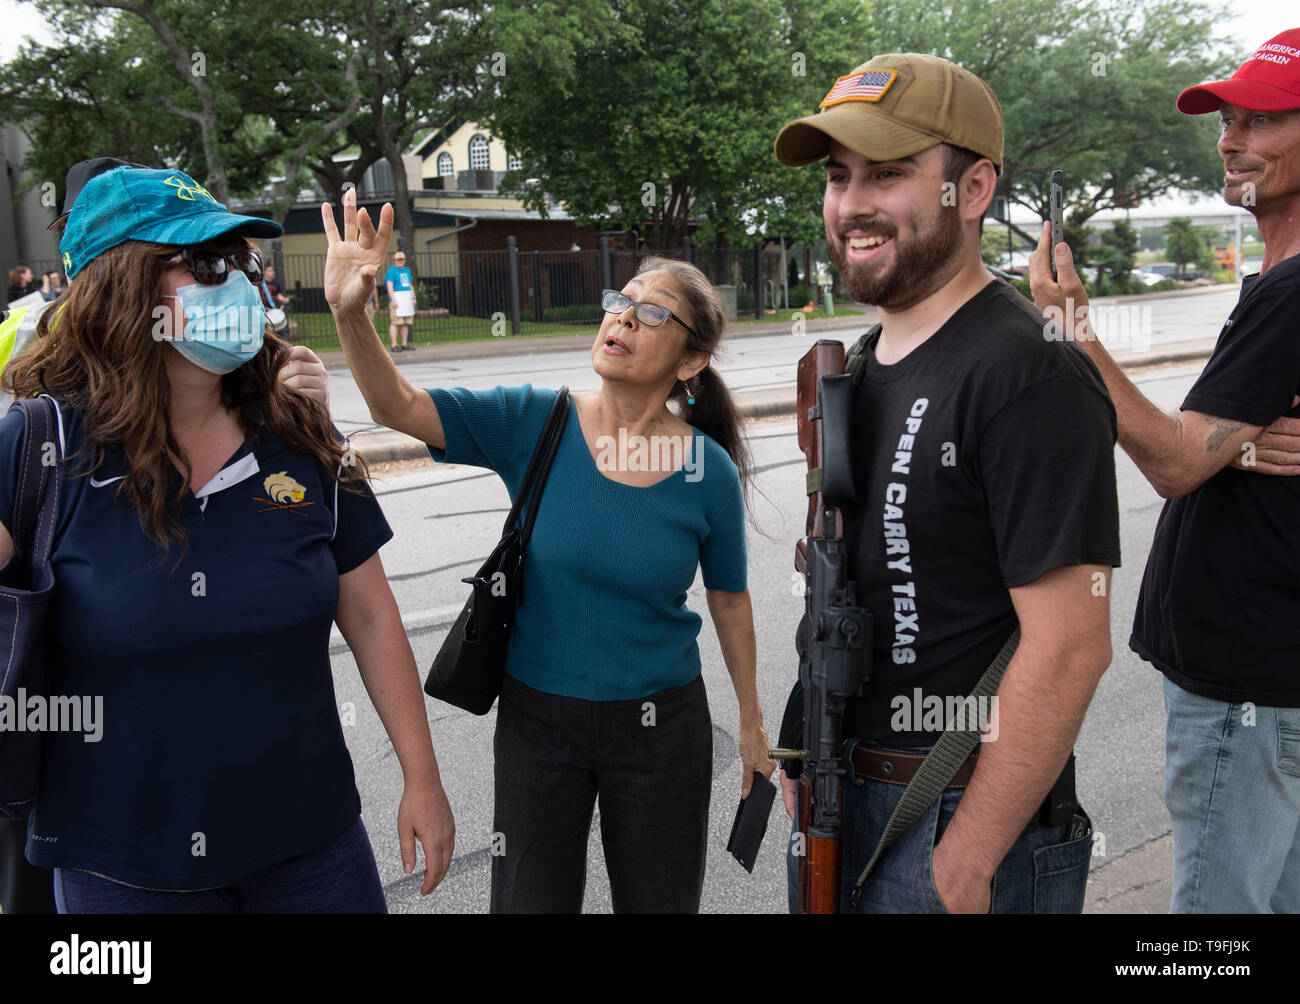 Ein Anhänger von Ilhan Omar (Mitte) konfrontiert anti-muslimische Demonstranten, einige öffnen die Waffen legal, außerhalb eines Austin, Texas, hotel, in dem die umstrittenen Muslimischen Kongressabgeordnete an einer Stadt sprach-weiten iftar Abendessen. Stockbild